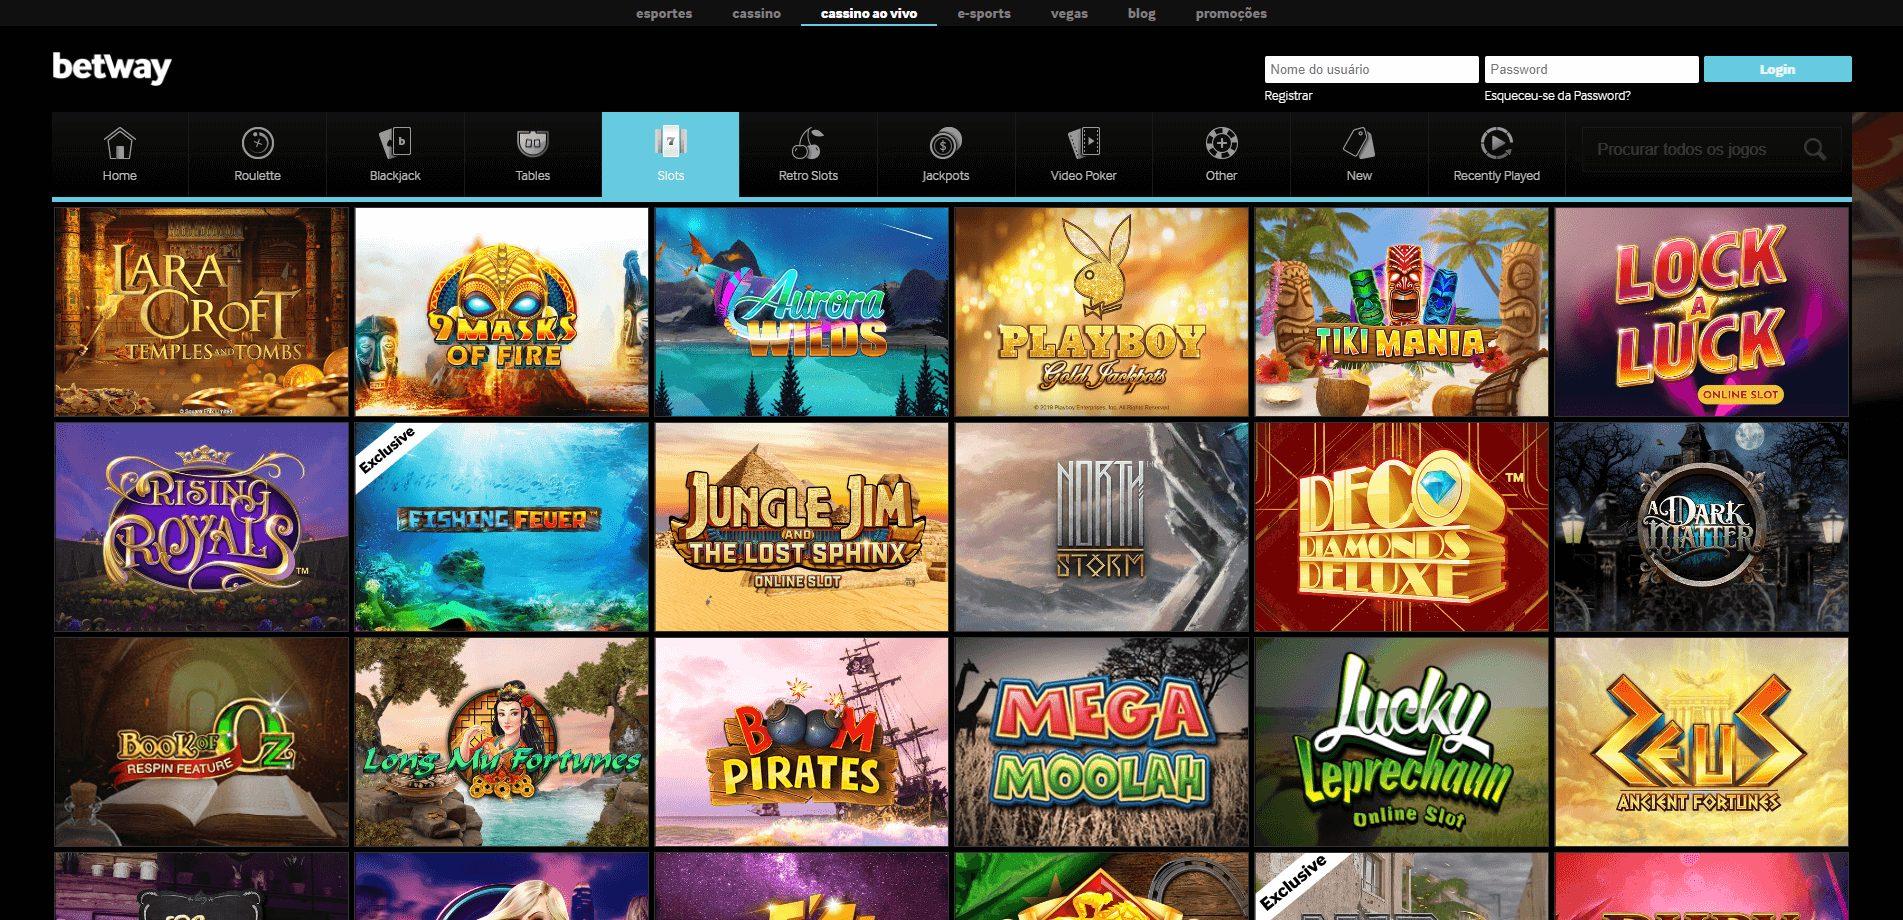 mais de 400 slots online no betway cassino